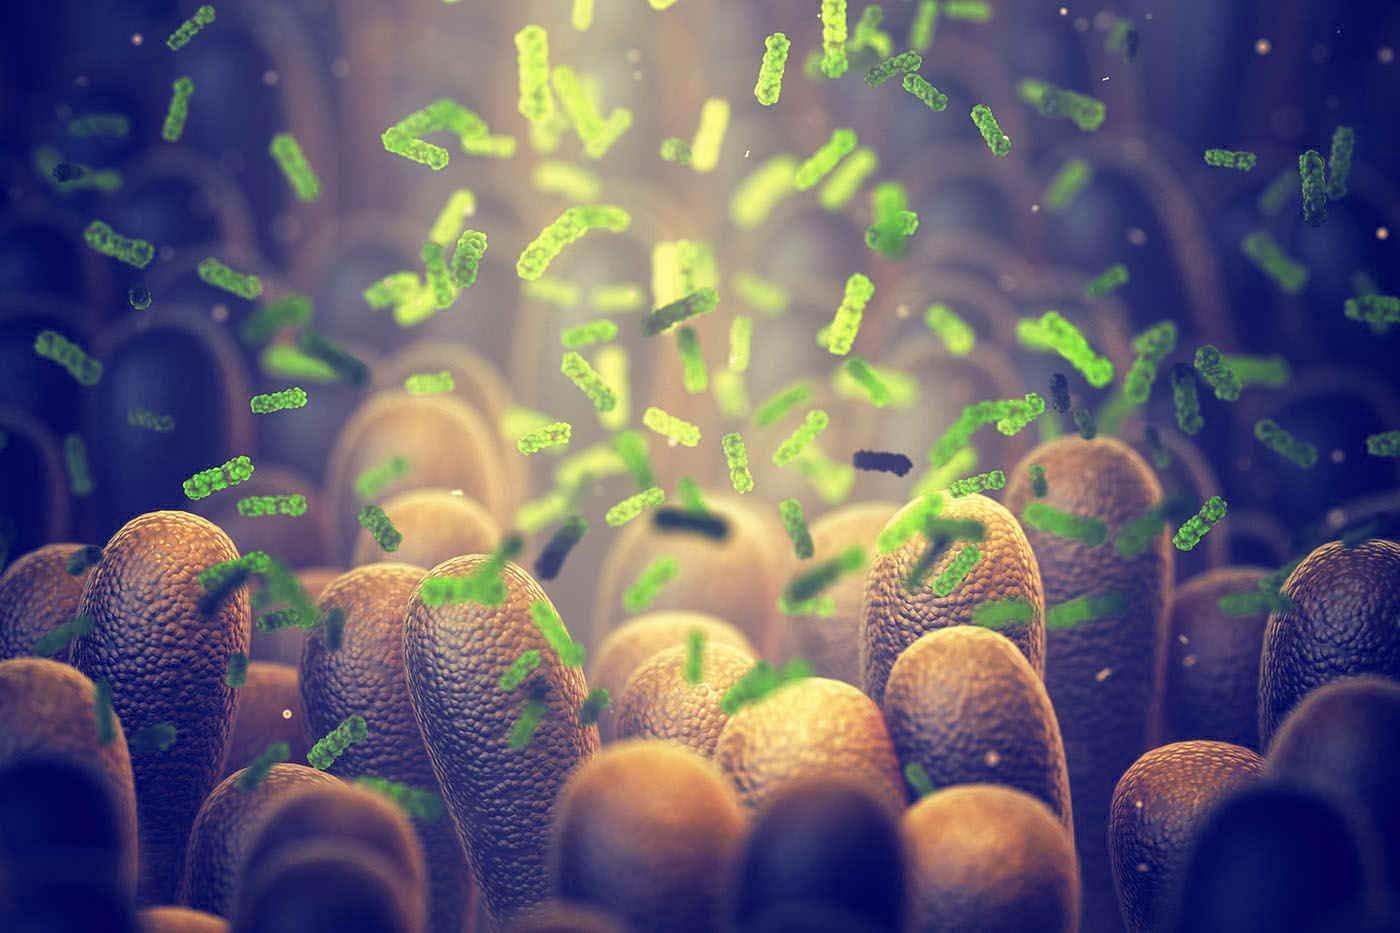 Bacteriile intestinale conlucrează pentru a depăși carențele dietetice [studiu]